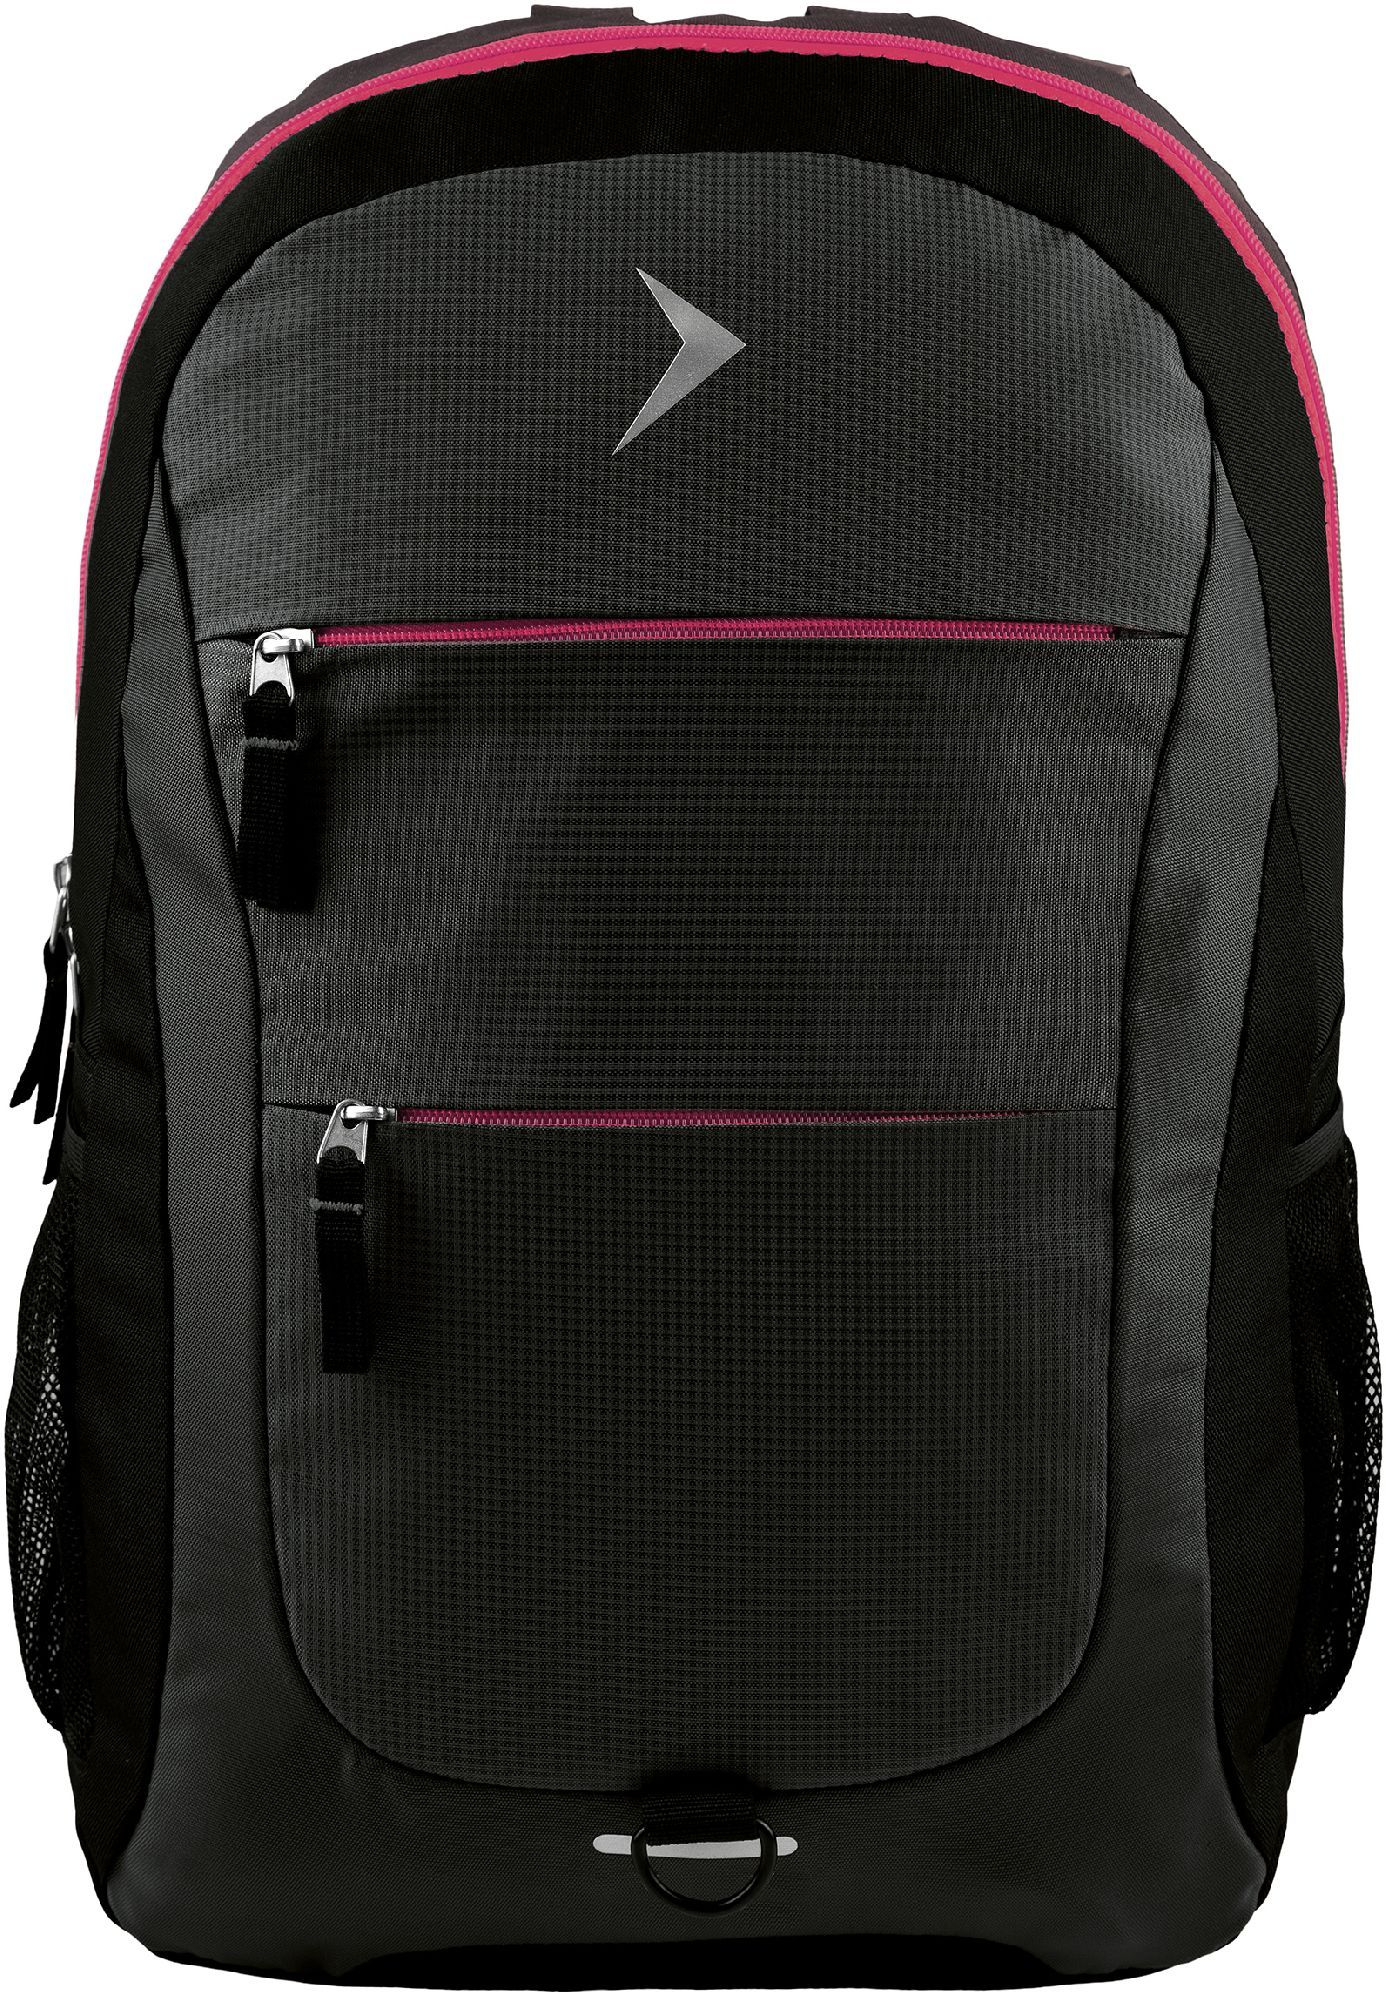 Outhorn Plecak HOL18-PCU613 22 czarny